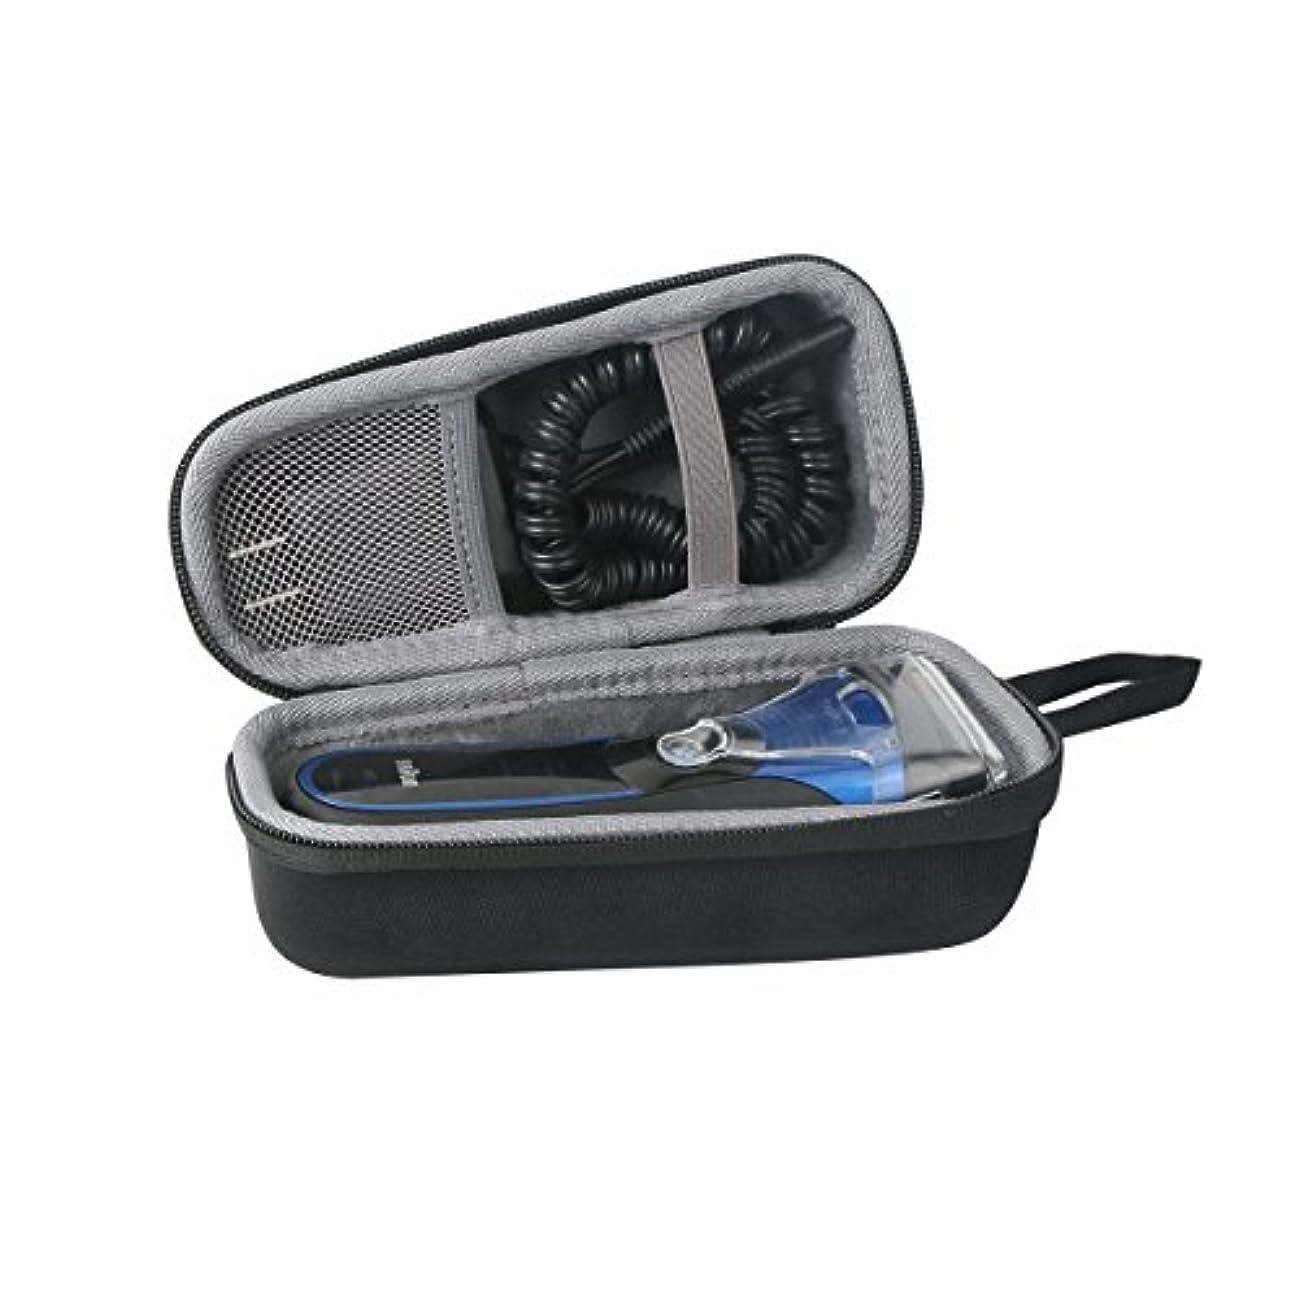 受け入れ転用タバコブラウン Braun シリーズ3 メンズシェーバー 3010s 310s 3040s 3020s-B スーパー便利な ハードケースバッグ 専用旅行収納 対応 co2CREA